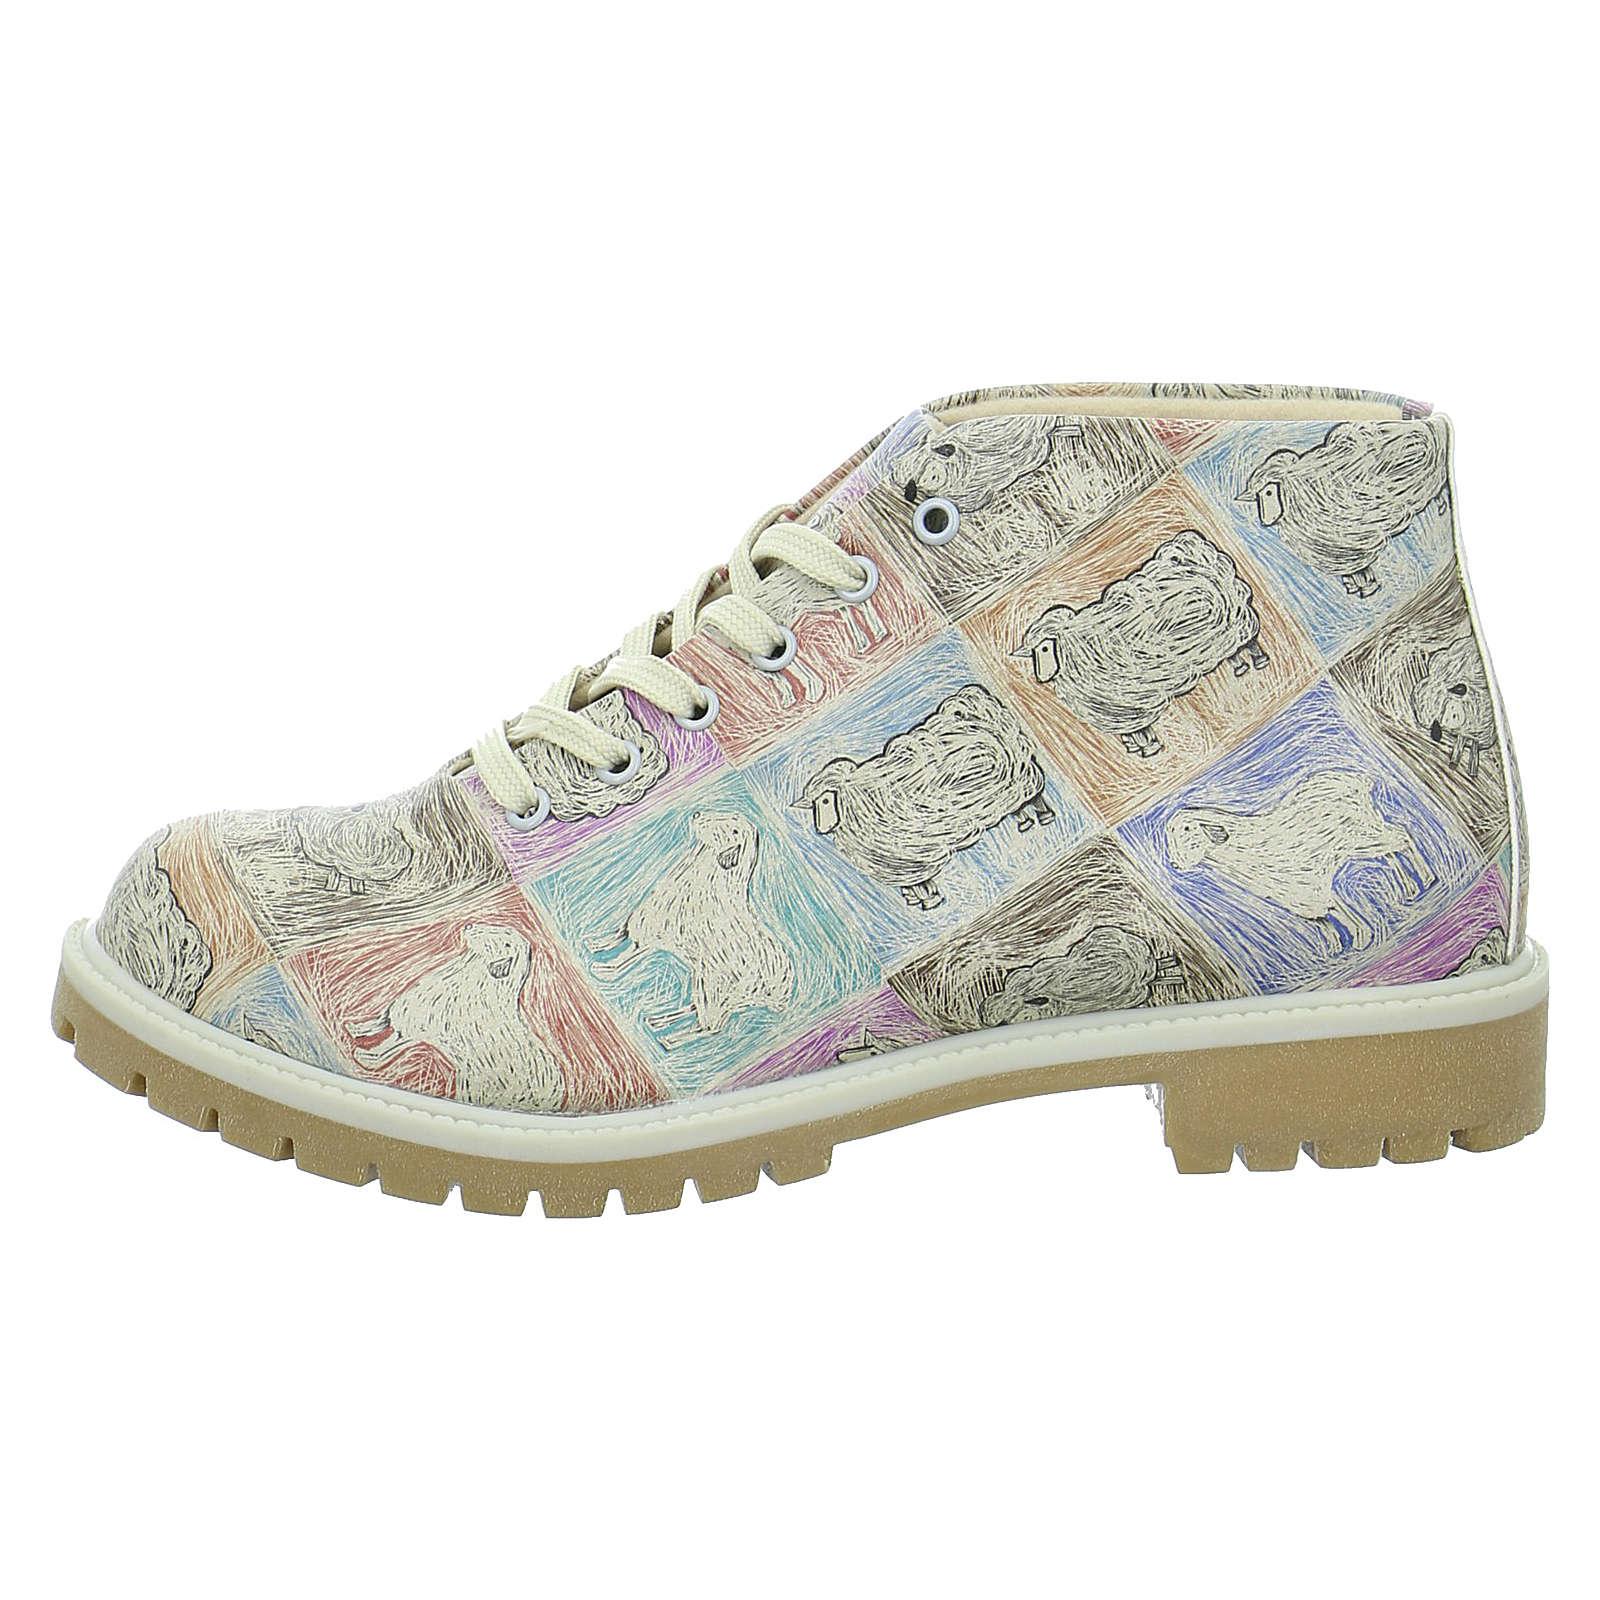 Dogo Shoes Schnürstiefeletten mehrfarbig Damen Gr. 39